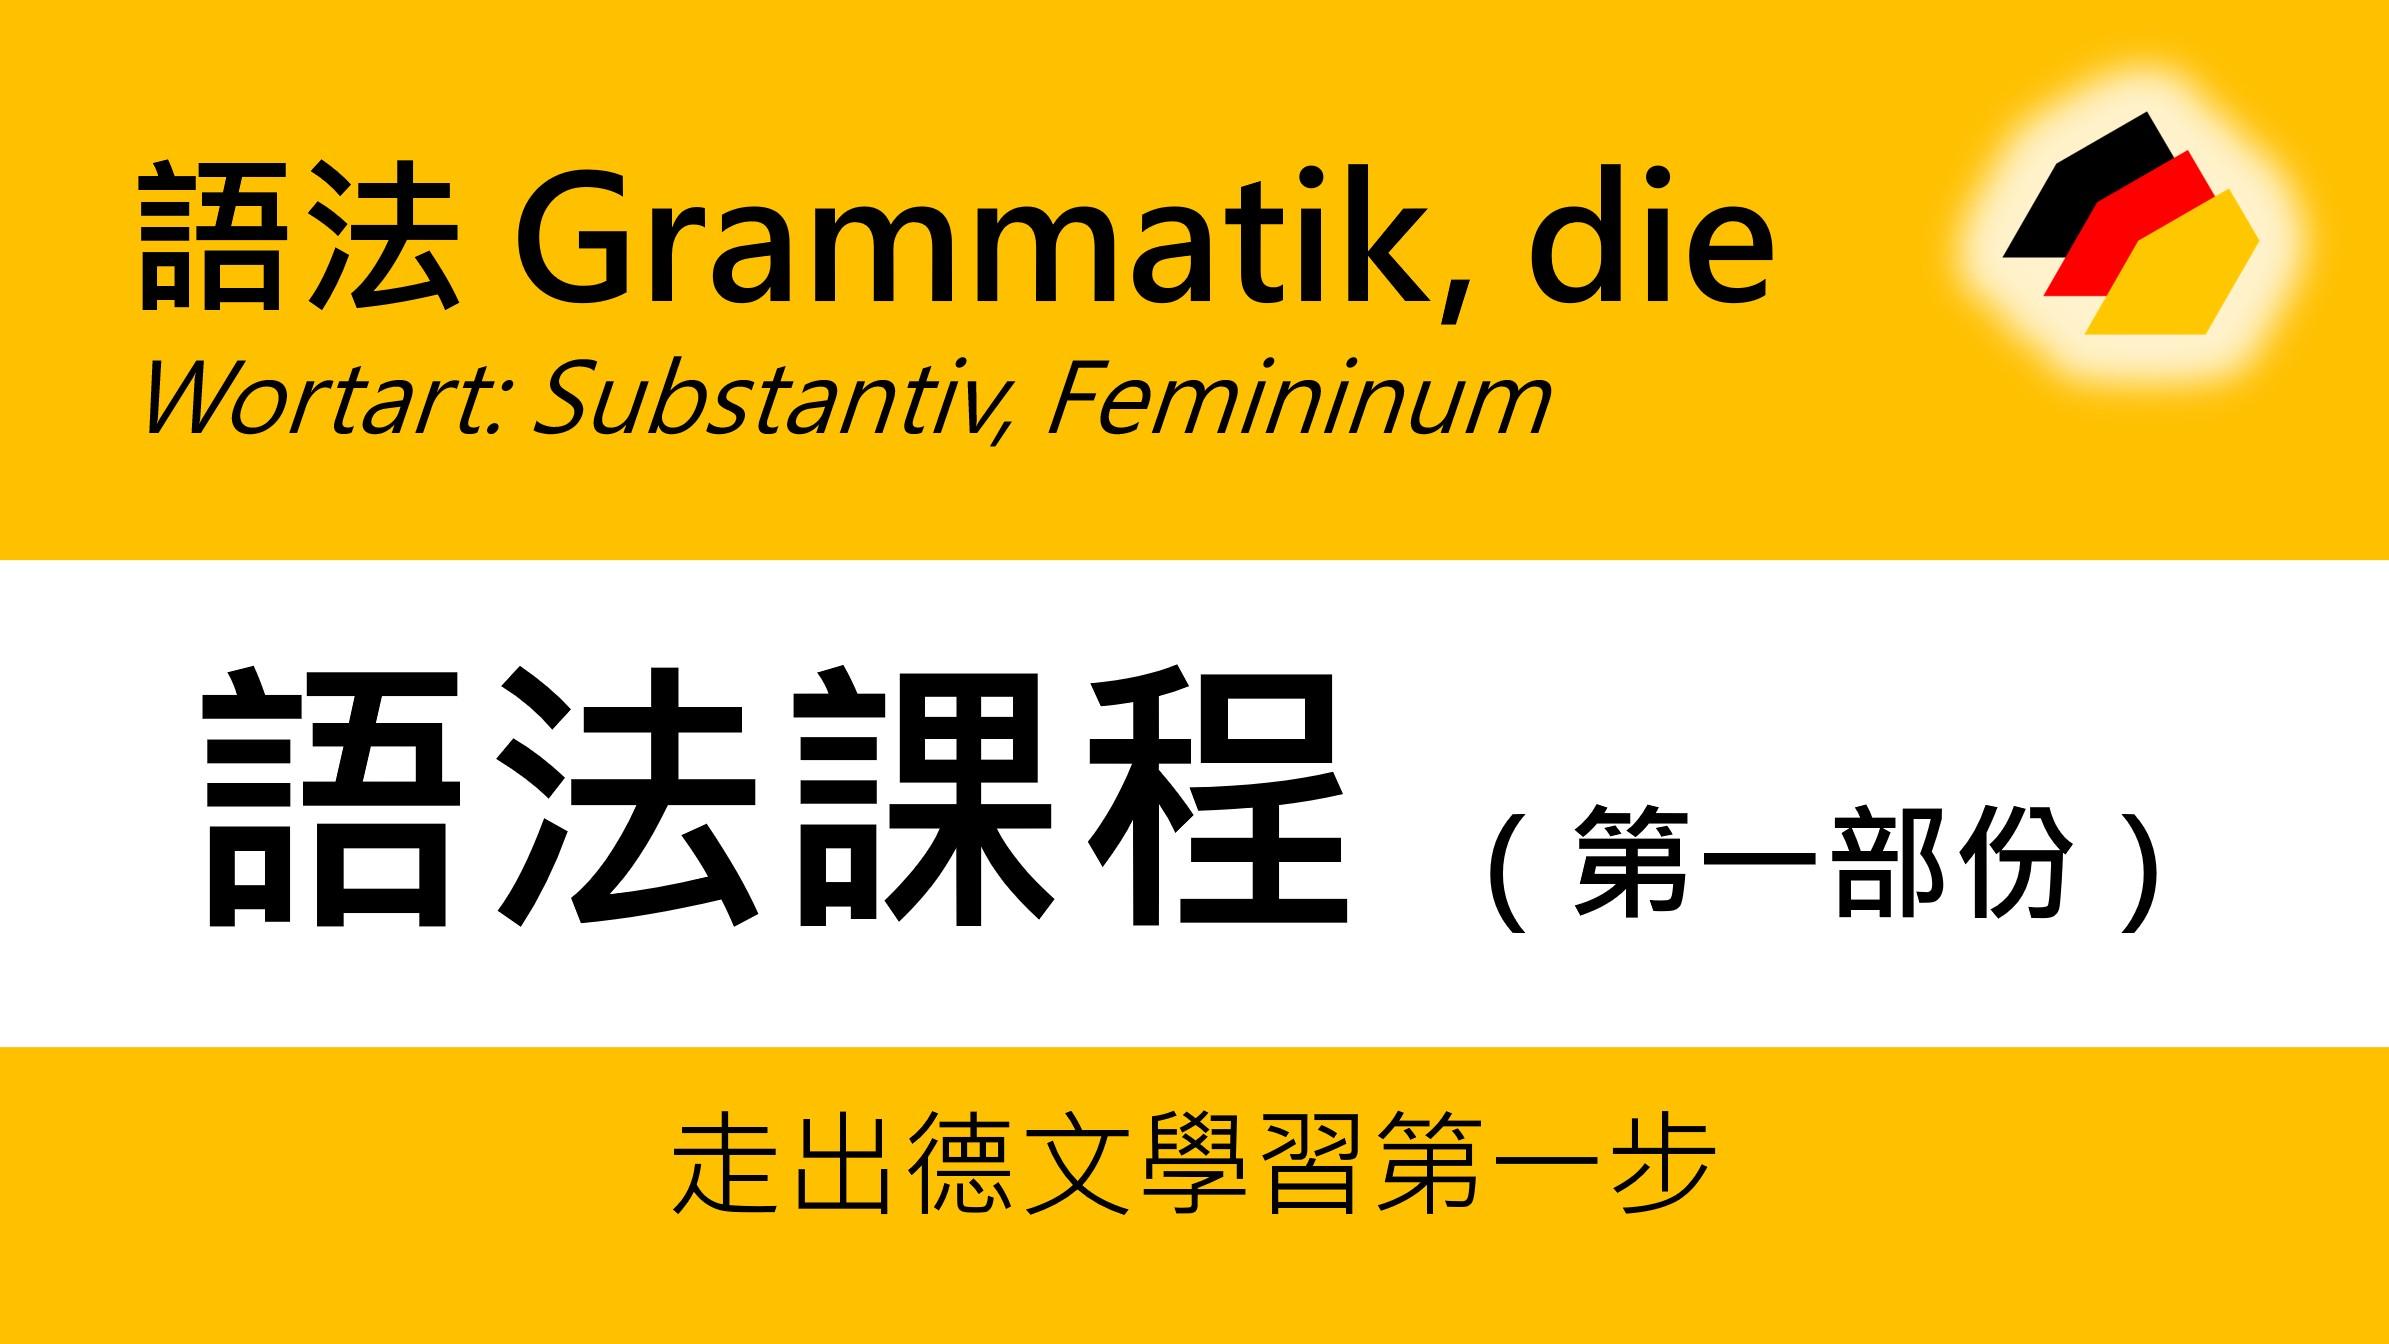 石賈墨德文語法課程